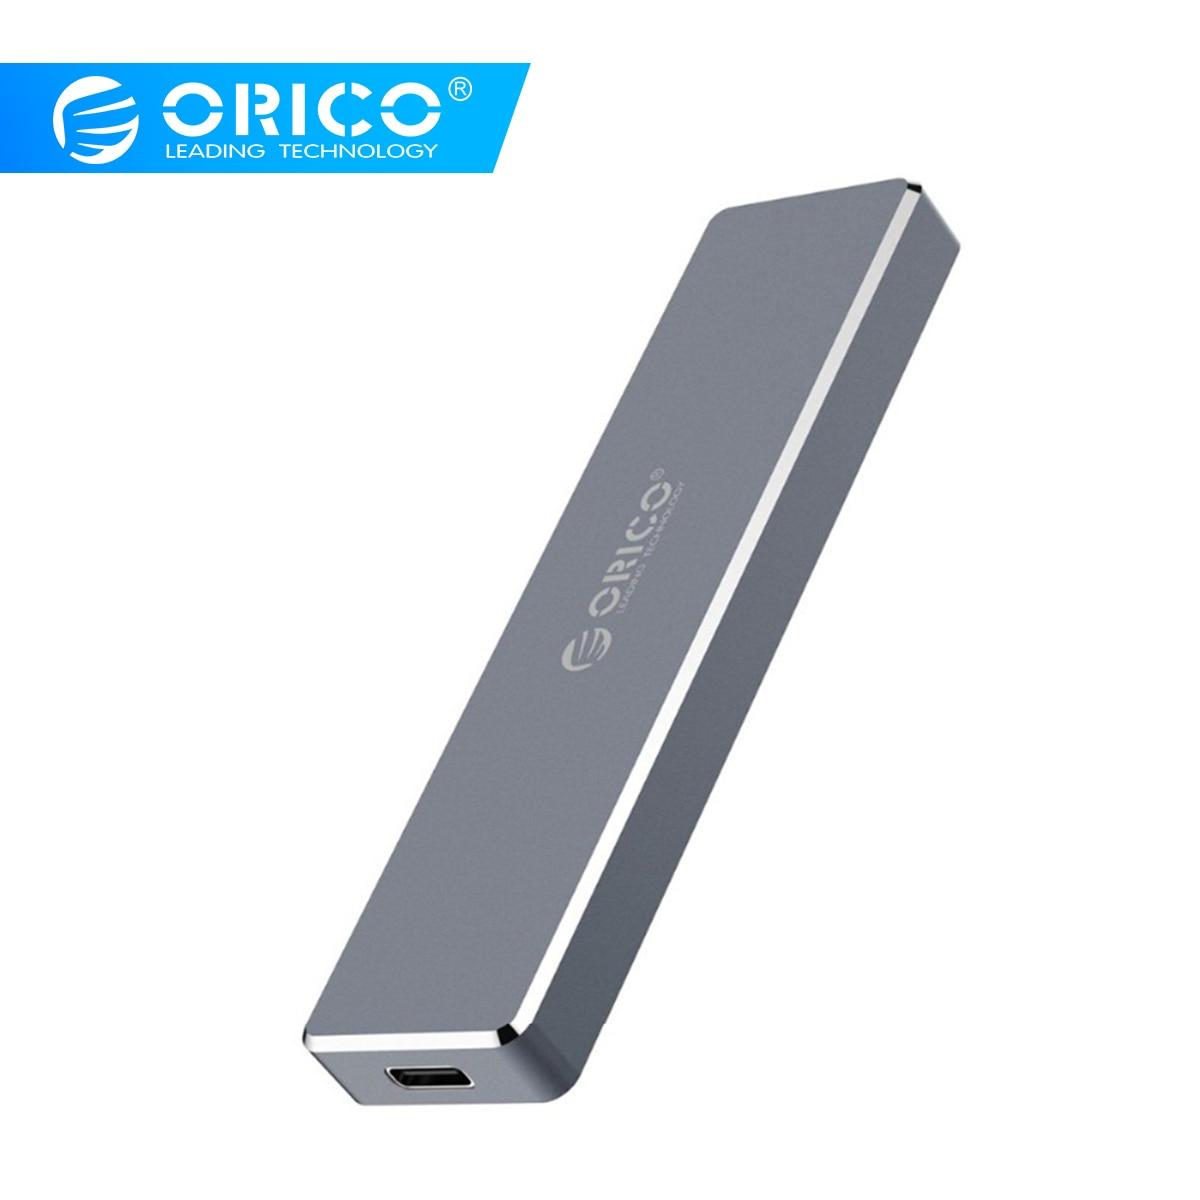 ORICO M.2 Tasto M SSD USB 3.1 di Tipo C Custodia M.2 Portatile SSD Hard Disk Custodie Mini Clip di Spinta open Box di Caso di Immagazzinaggio 2 TBORICO M.2 Tasto M SSD USB 3.1 di Tipo C Custodia M.2 Portatile SSD Hard Disk Custodie Mini Clip di Spinta open Box di Caso di Immagazzinaggio 2 TB